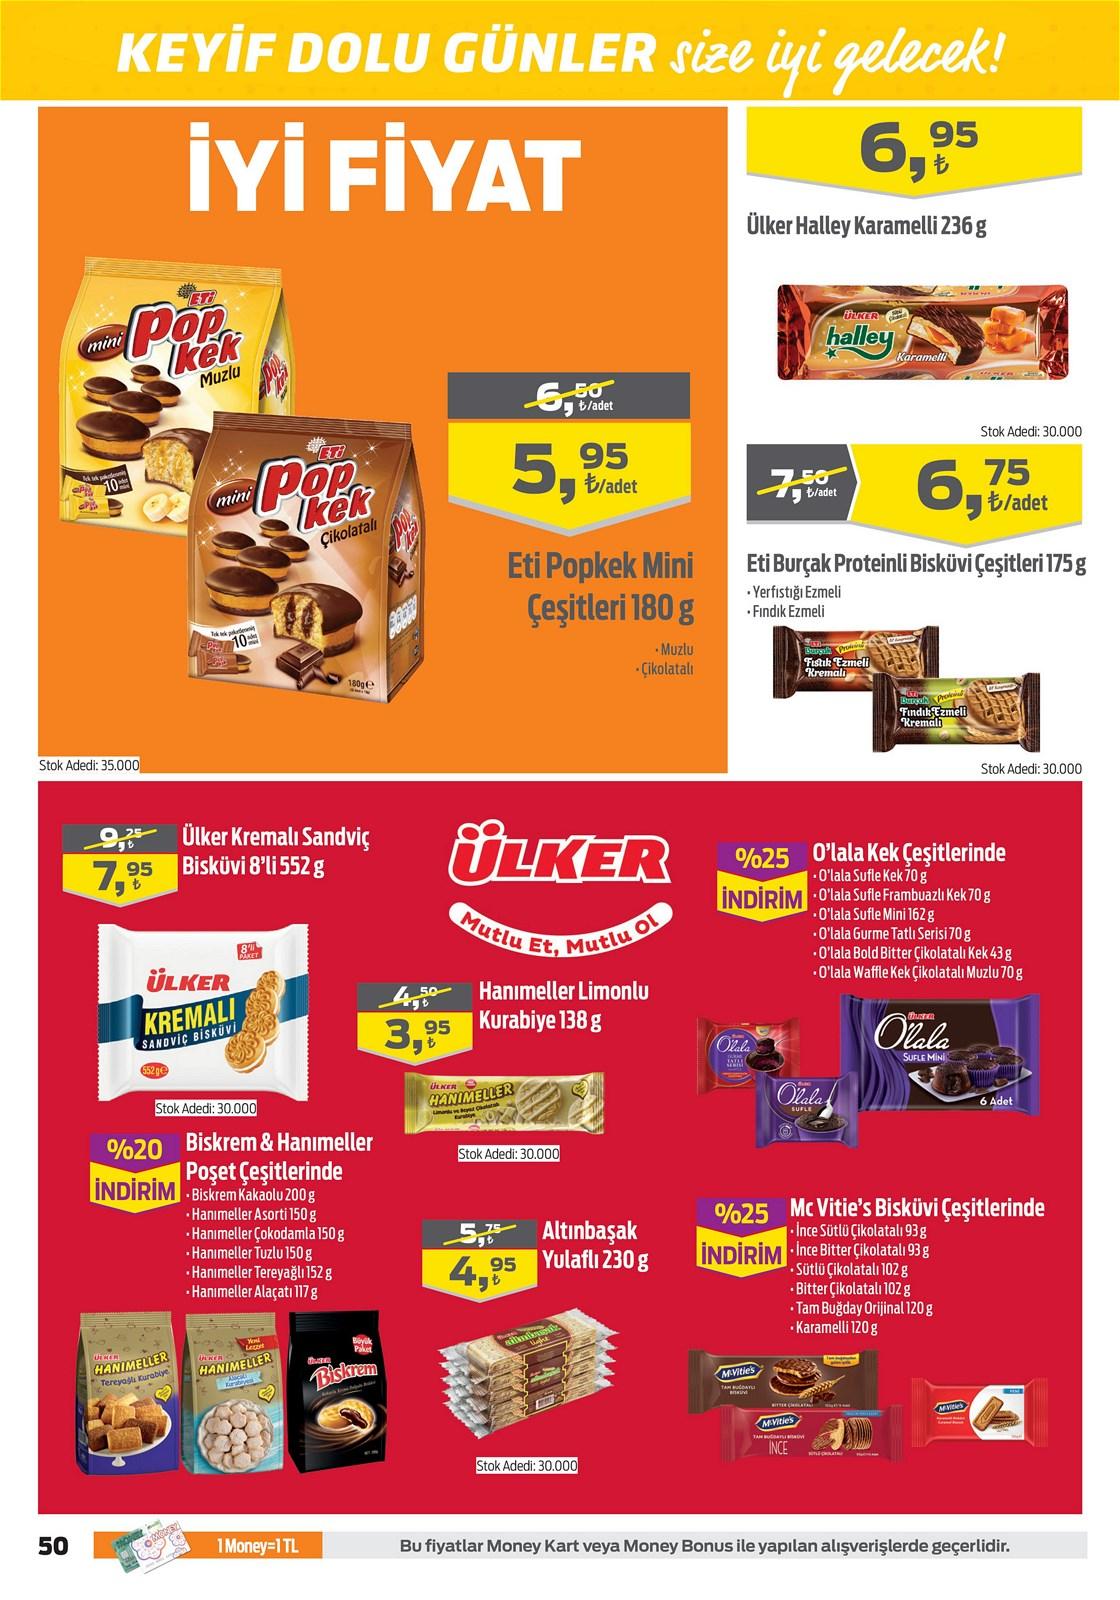 03.06.2021 Migros broşürü 50. sayfa